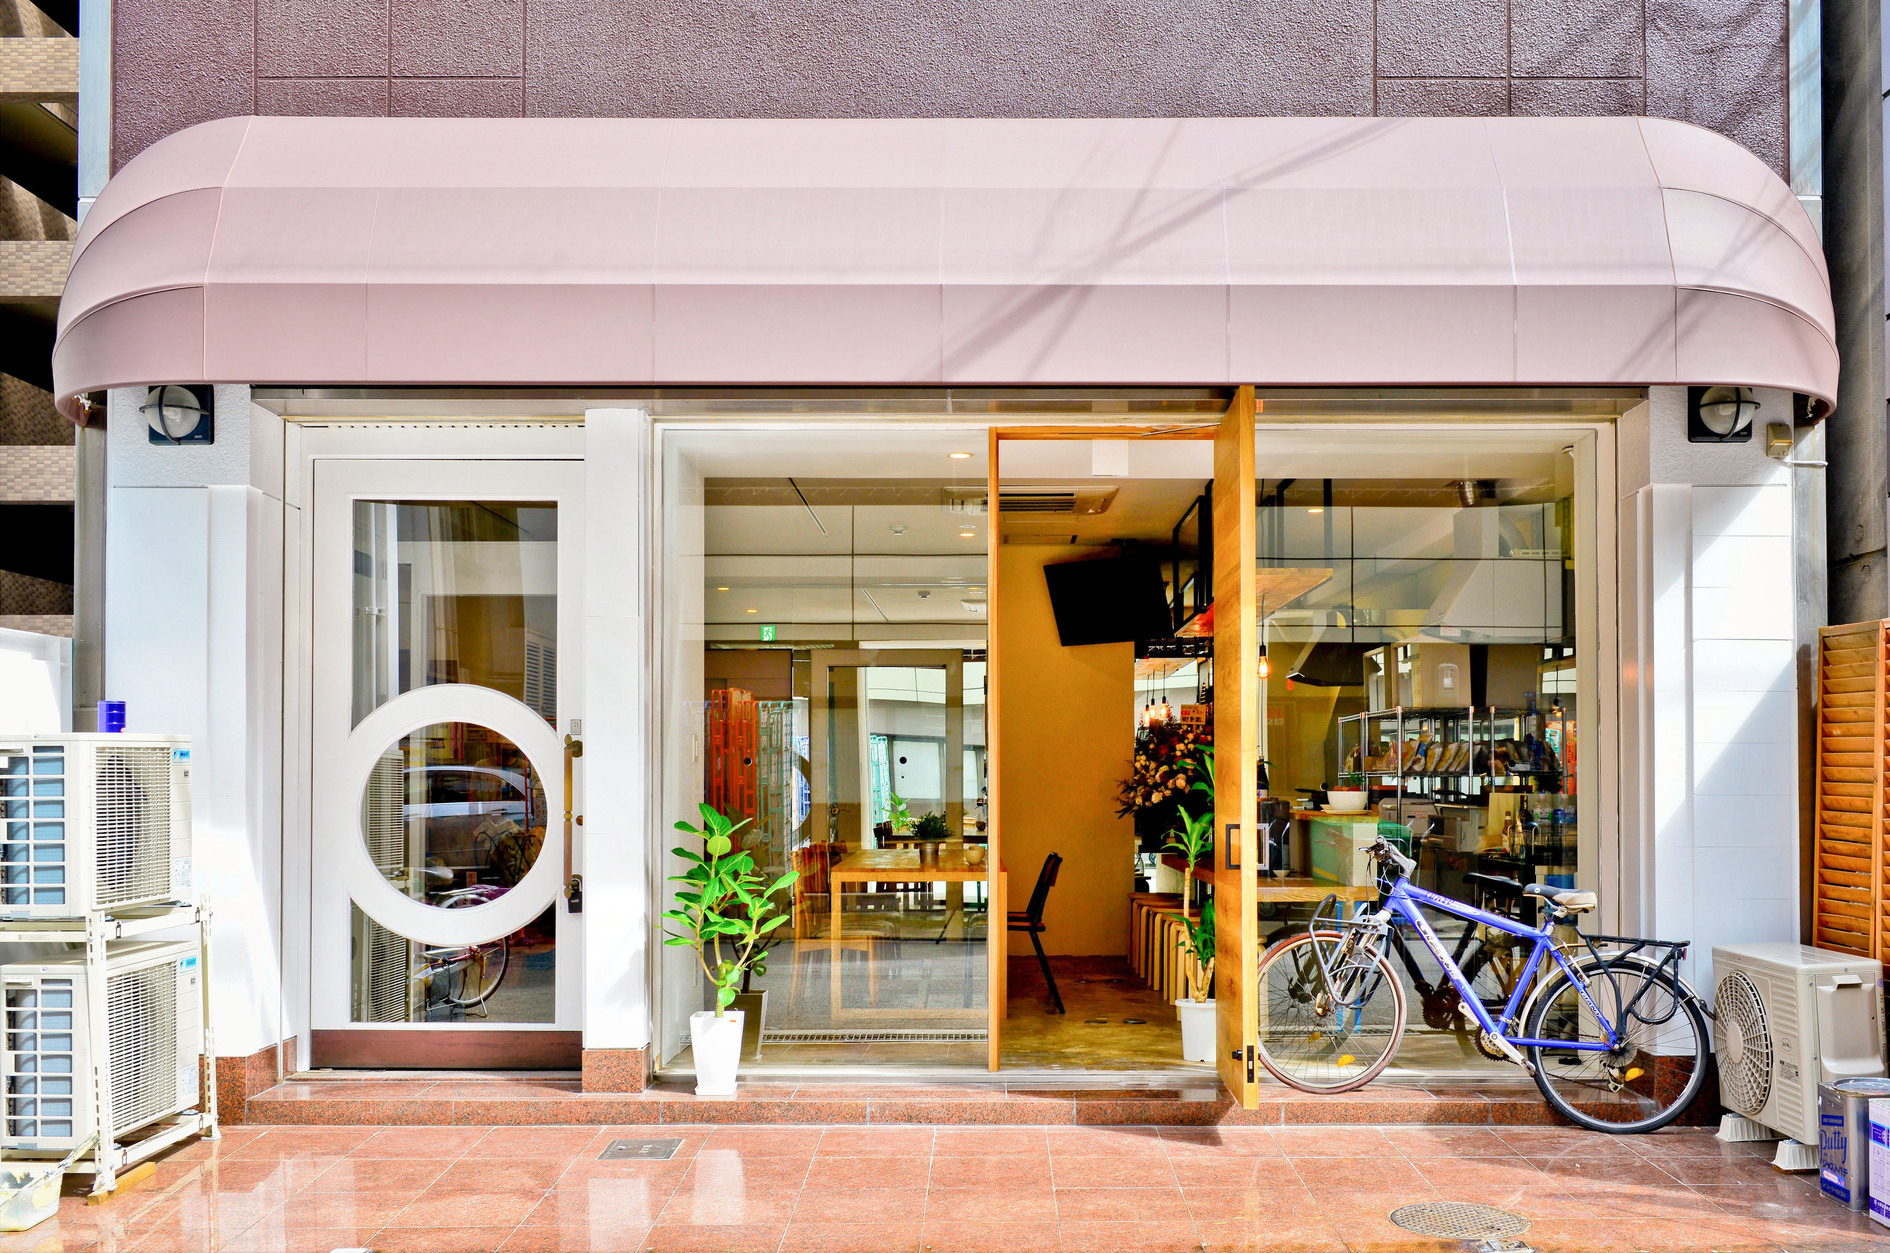 長堀橋駅より徒歩4分。共用部は18人まで、宿泊は30人まで利用可能。お茶会、会議、合宿など様々な用途にお使いいただけます。(ビーハイブホステル大阪) の写真0